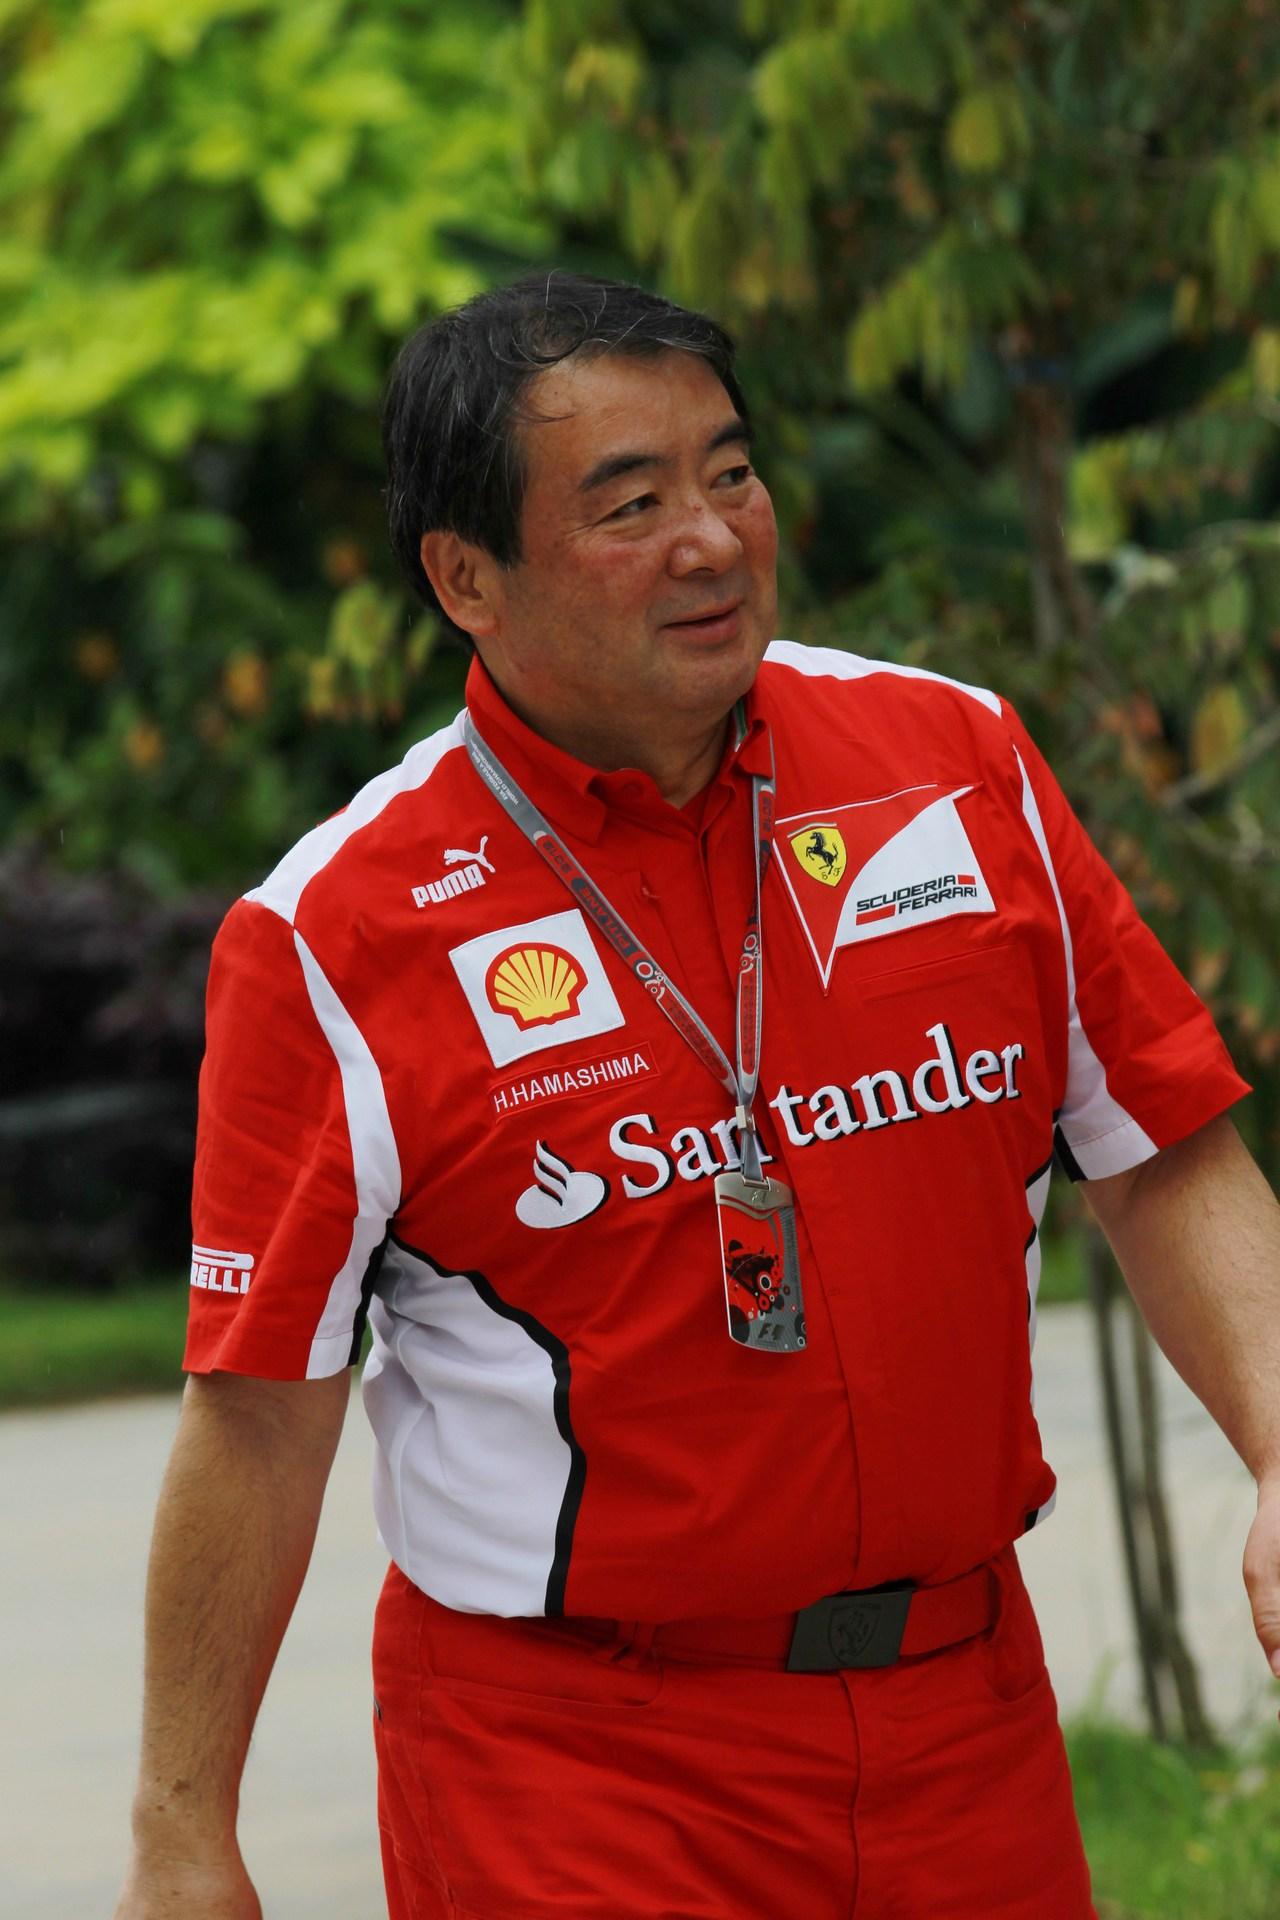 22.03.2012- Hirohide Hamashima (JPN), Scuderia Ferrari